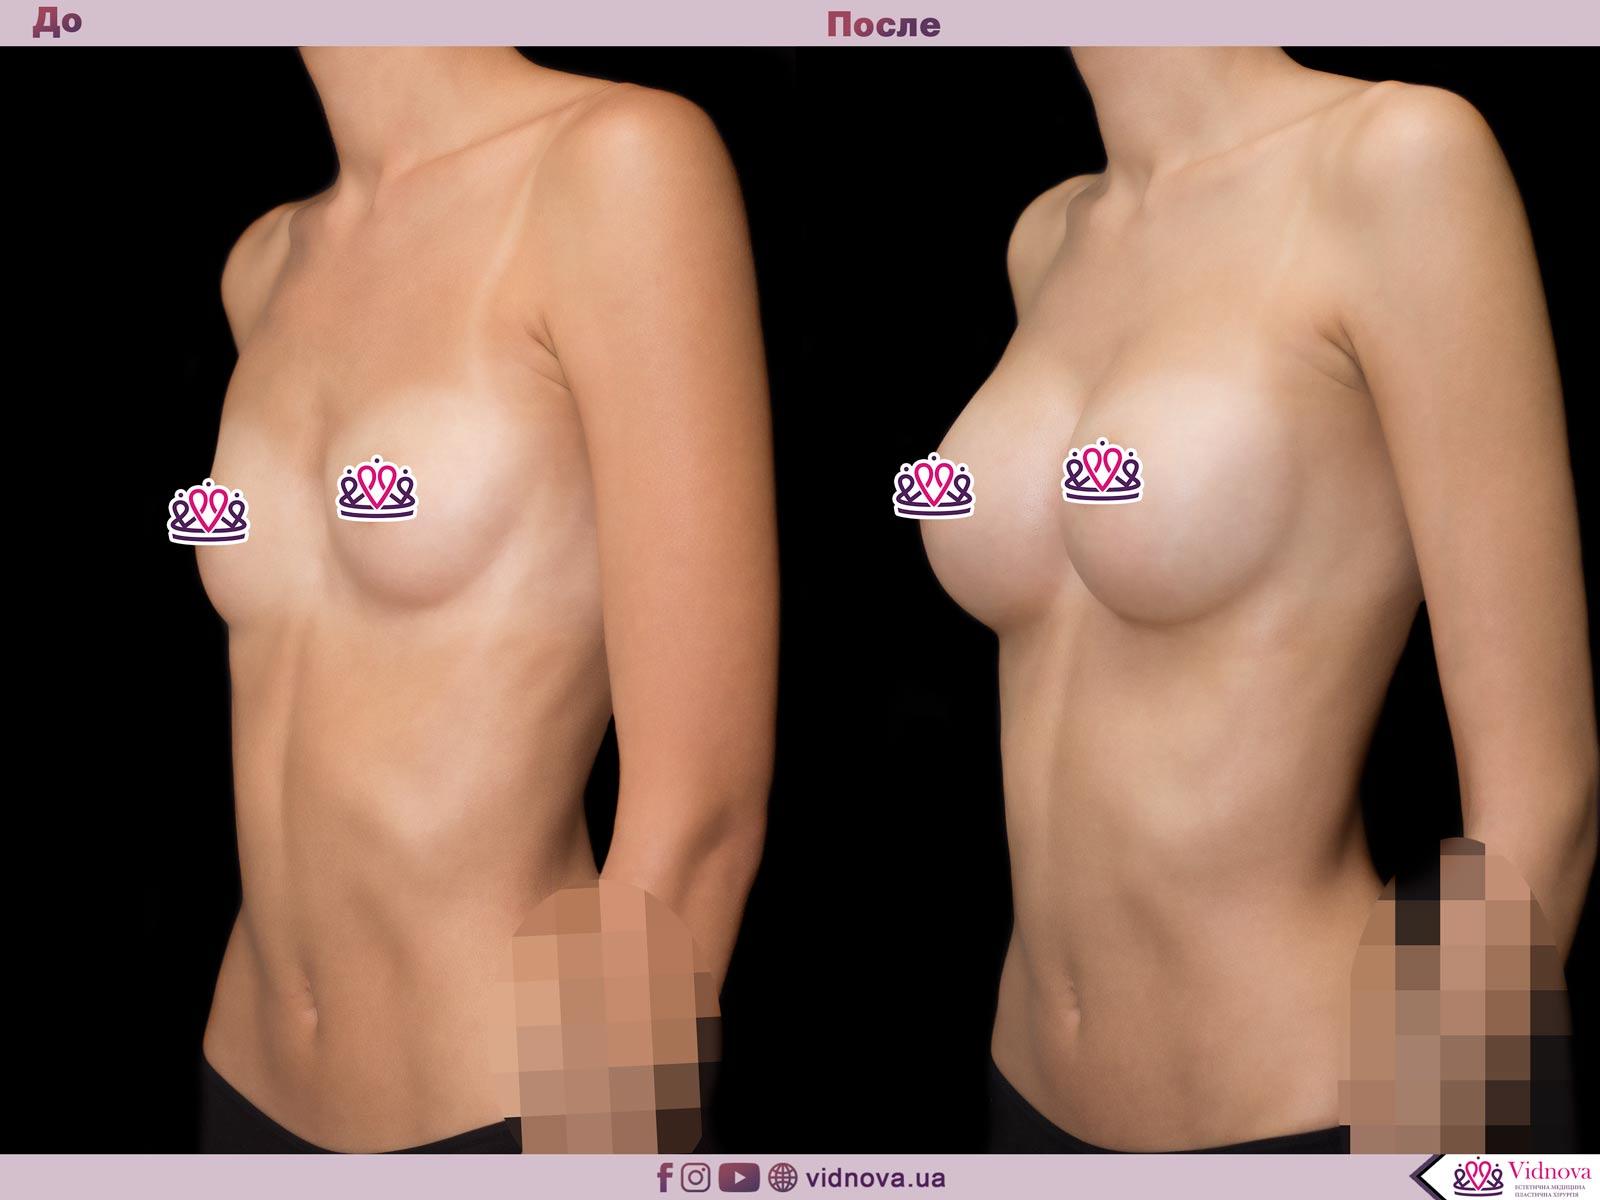 Пластика груди: результаты до и после - Пример №60-1 - Светлана Работенко